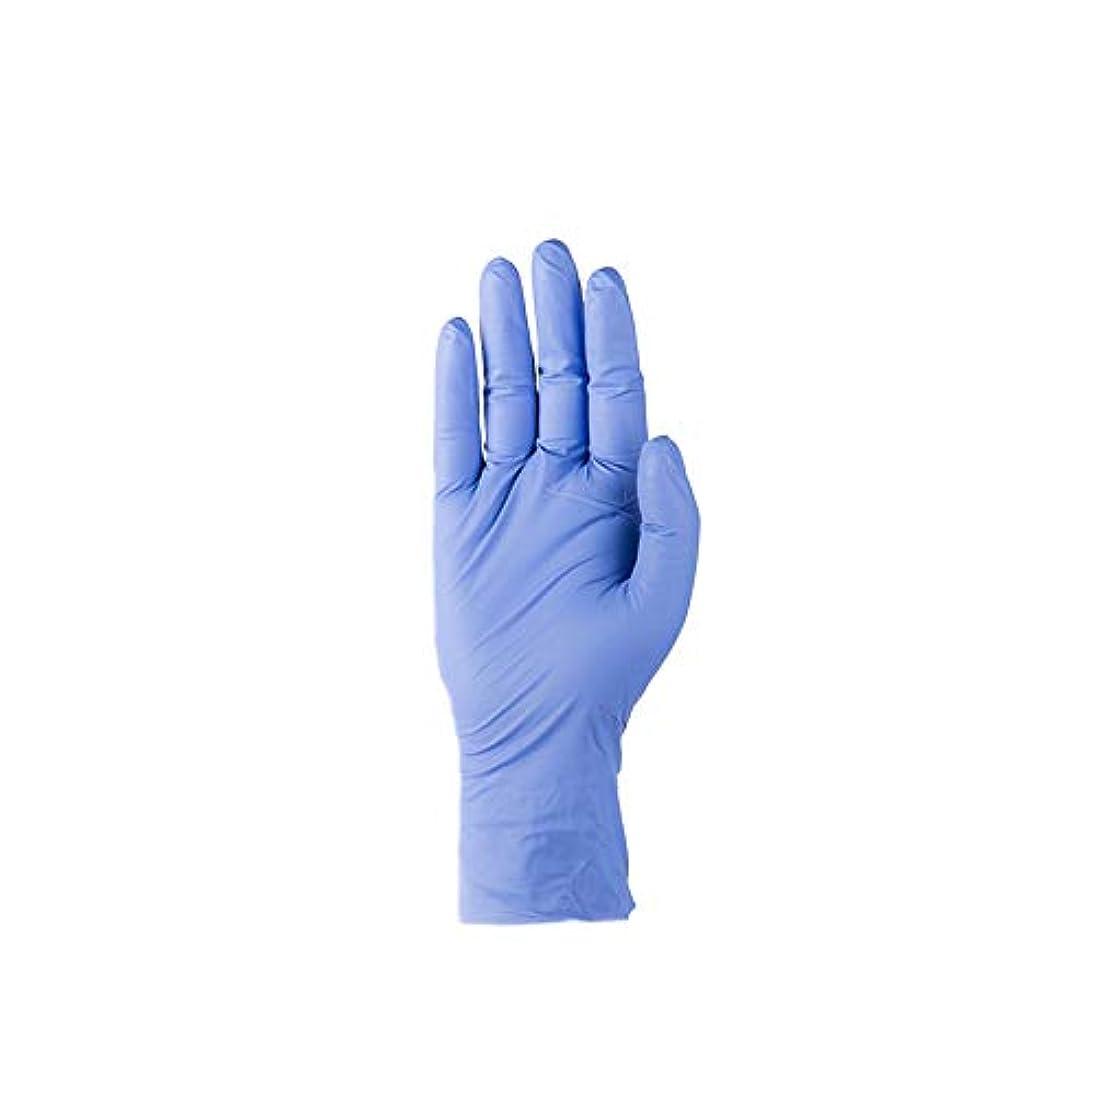 疲労拍手大工業用酸およびアルカリ耐性自動車修理ガソリンを増粘する使い捨てニトリルゴム,Purple,L